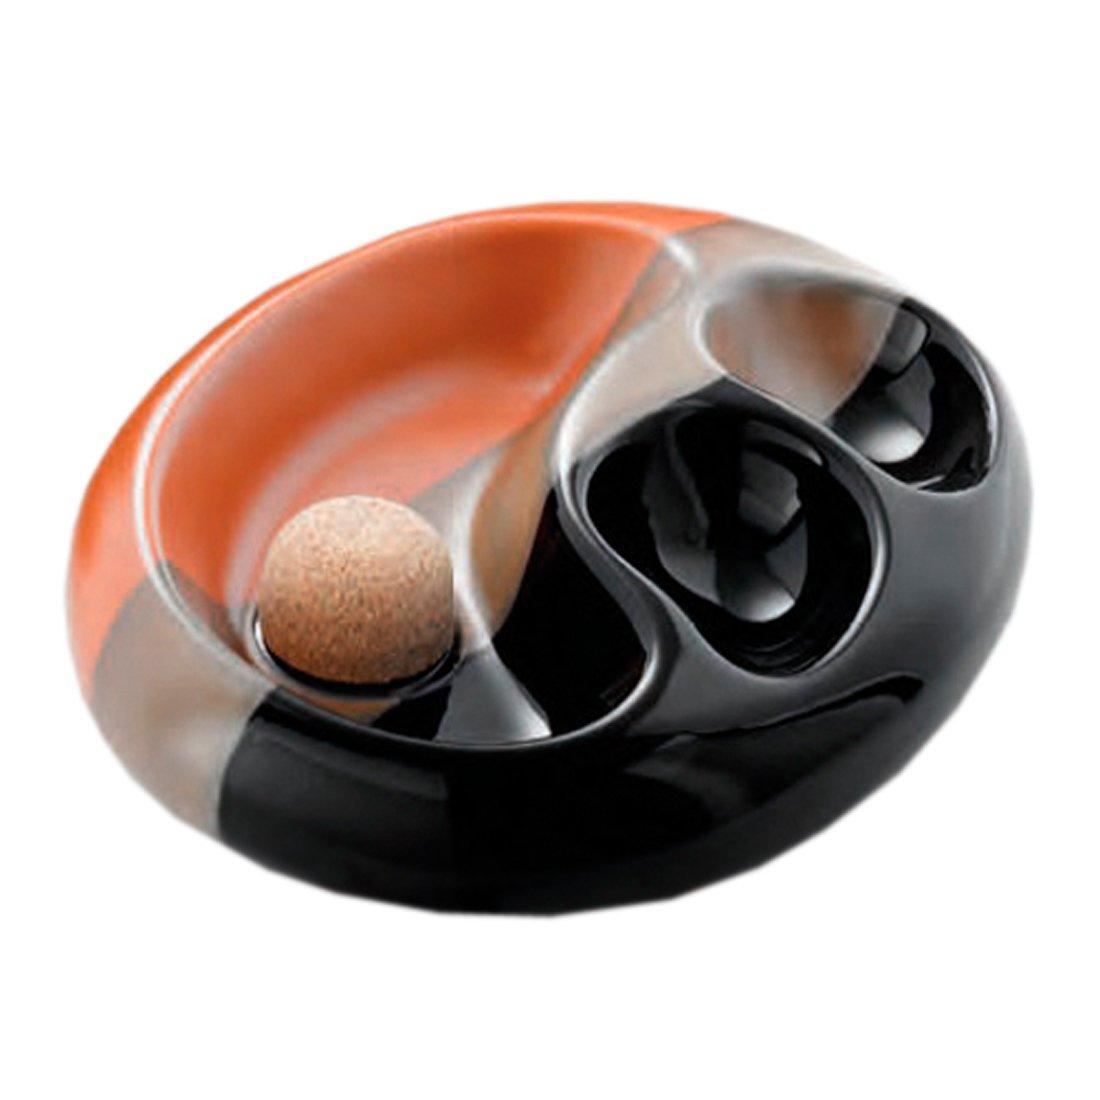 pfeifen aschenbecher keramik schwarz braun mit 2 ablagen. Black Bedroom Furniture Sets. Home Design Ideas